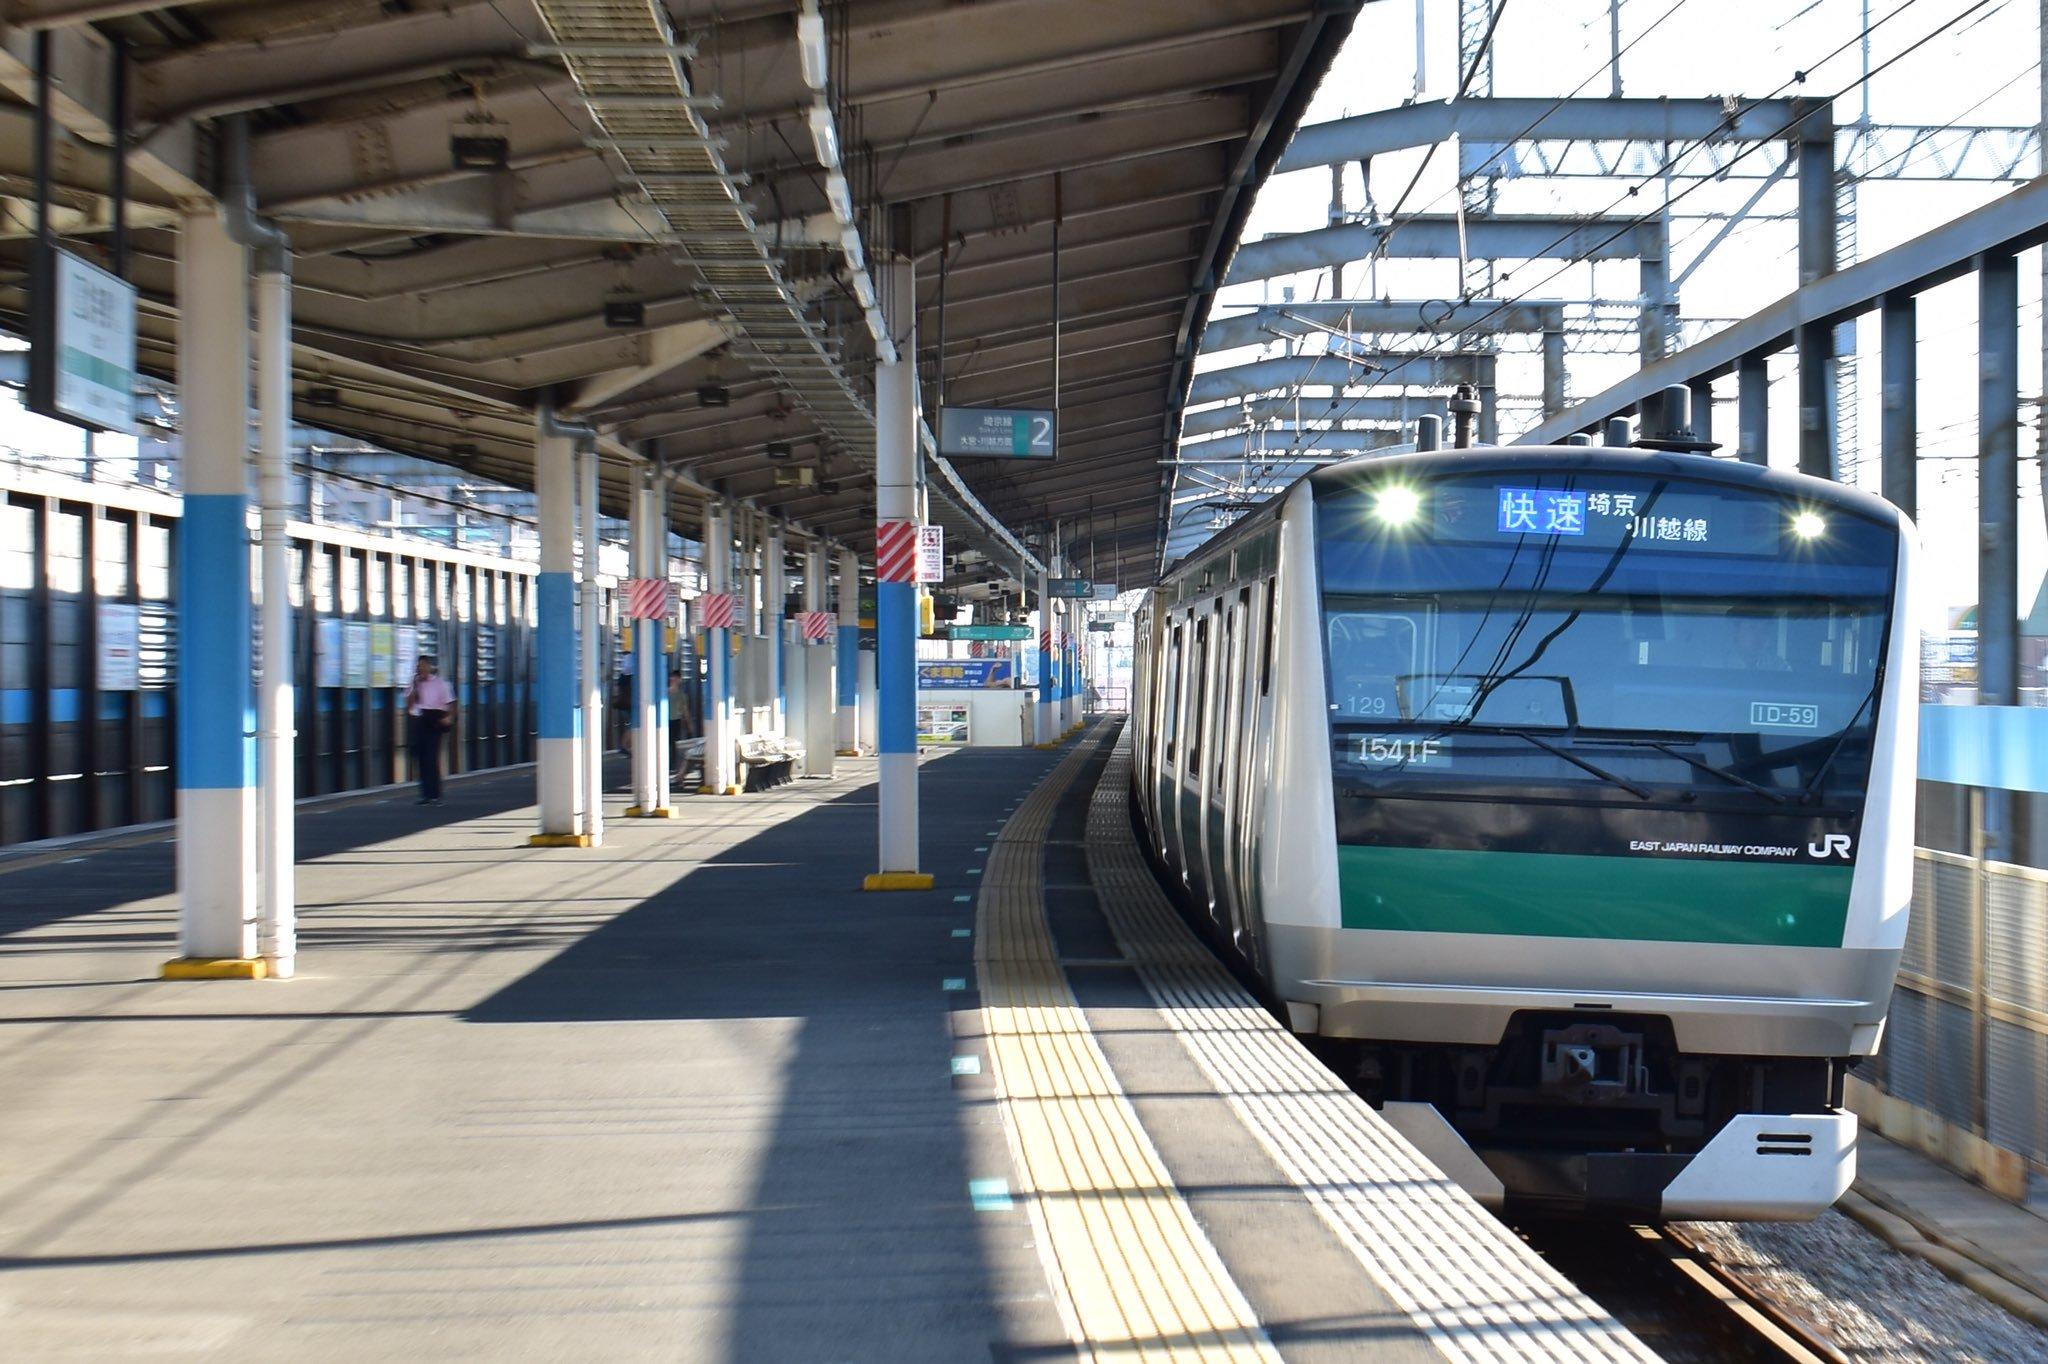 北与野駅周辺で評判の占いスポットは?よく当たる先生|埼玉県の最新情報